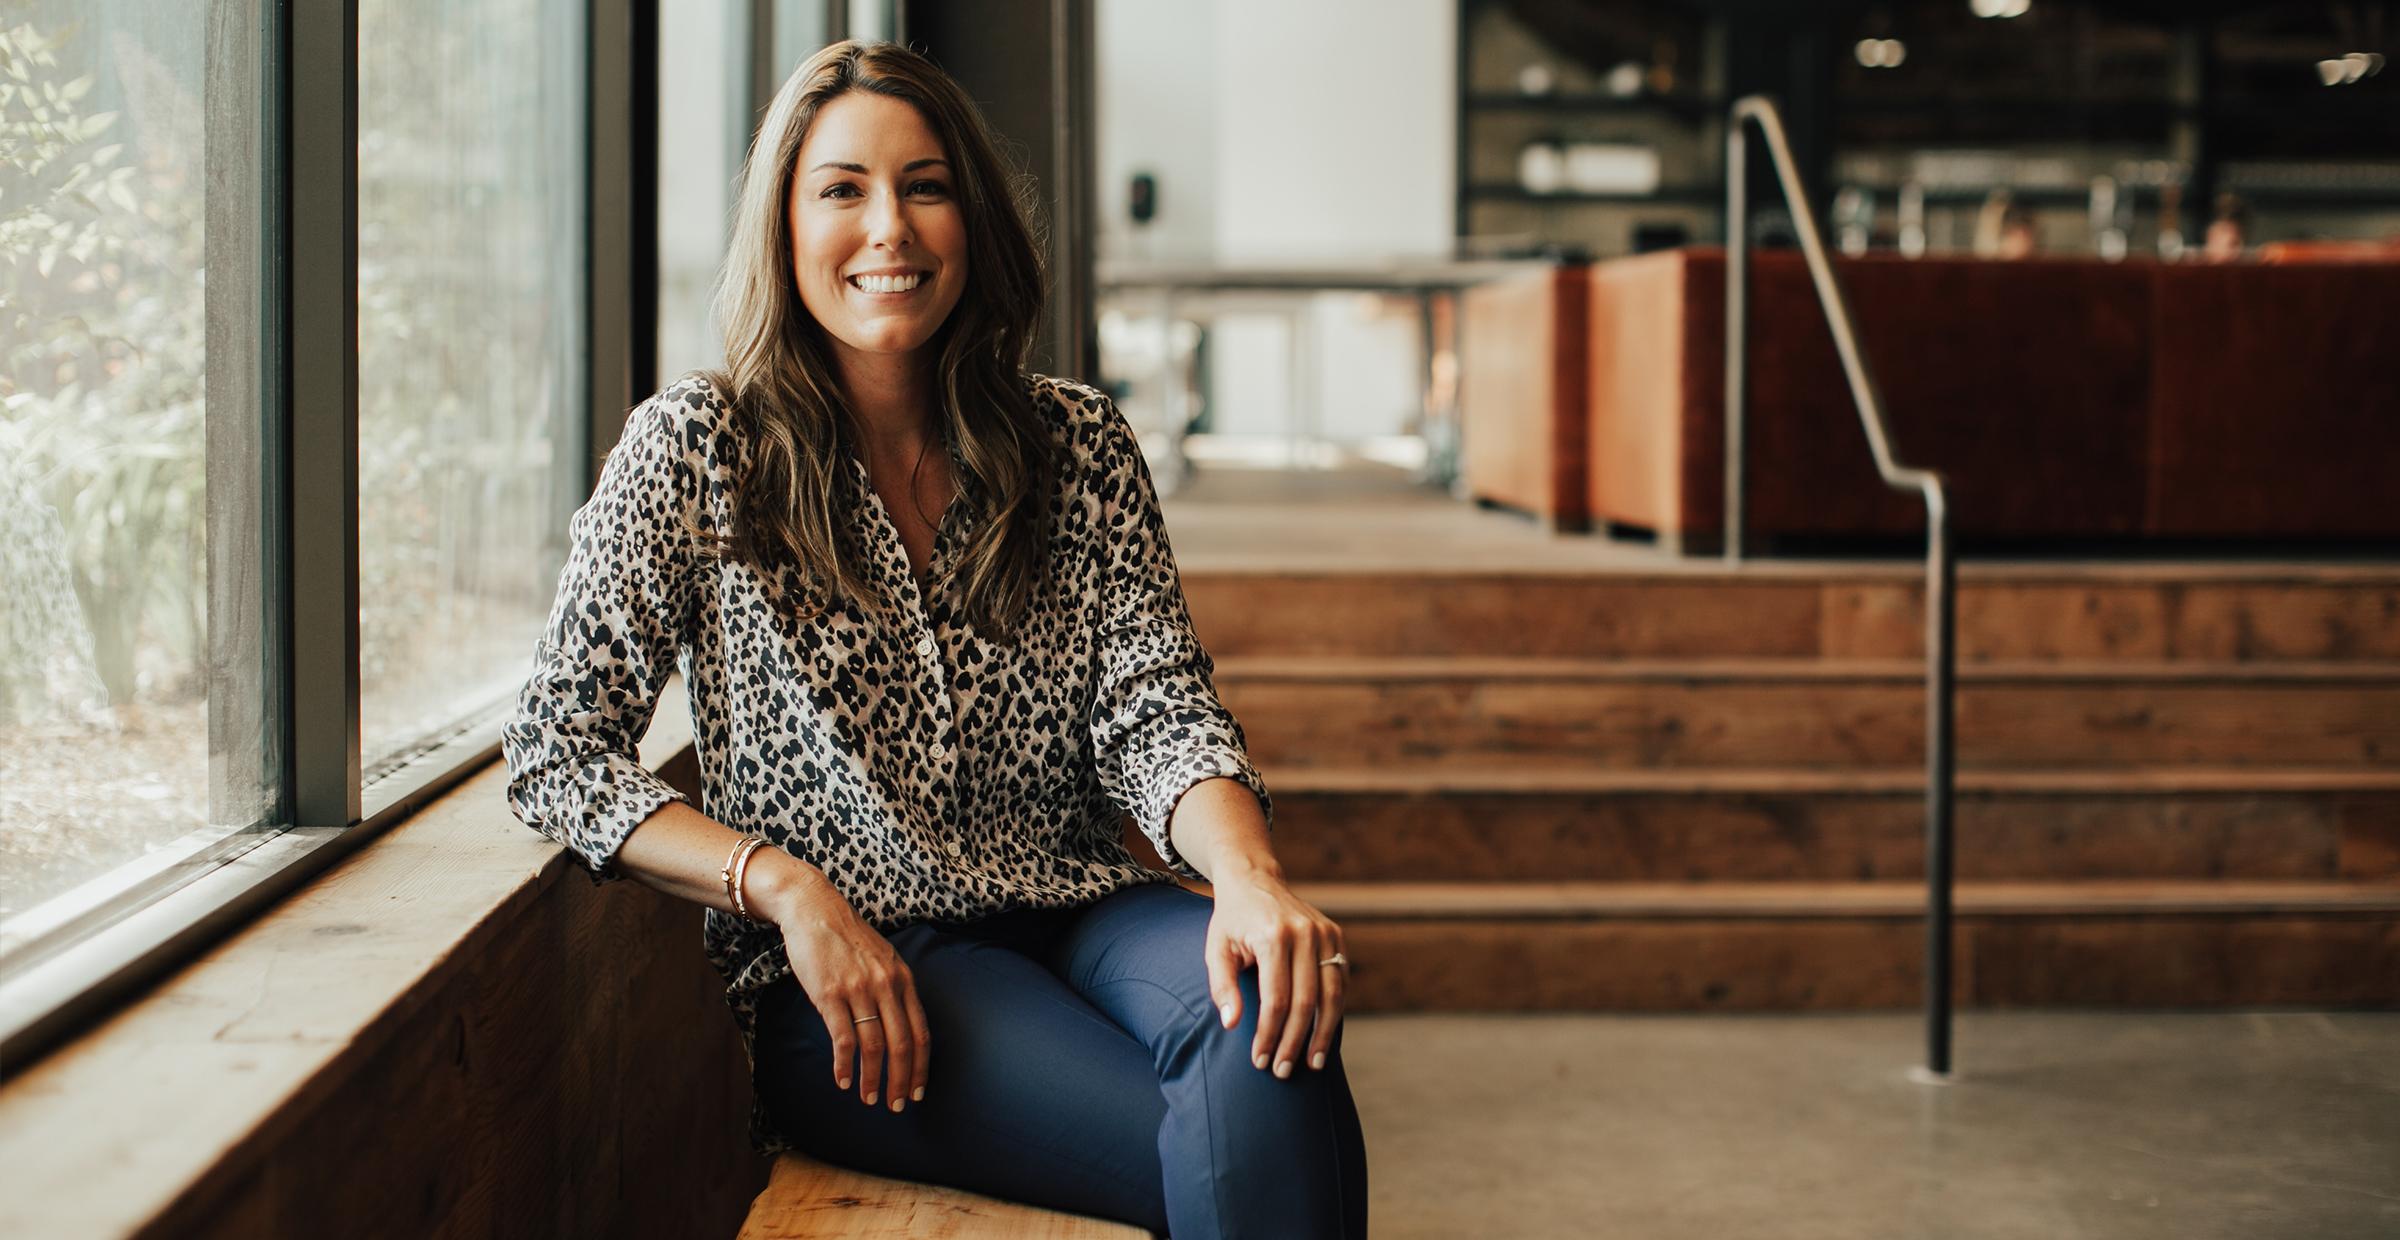 Women Who Work: Lauren McGoodwin